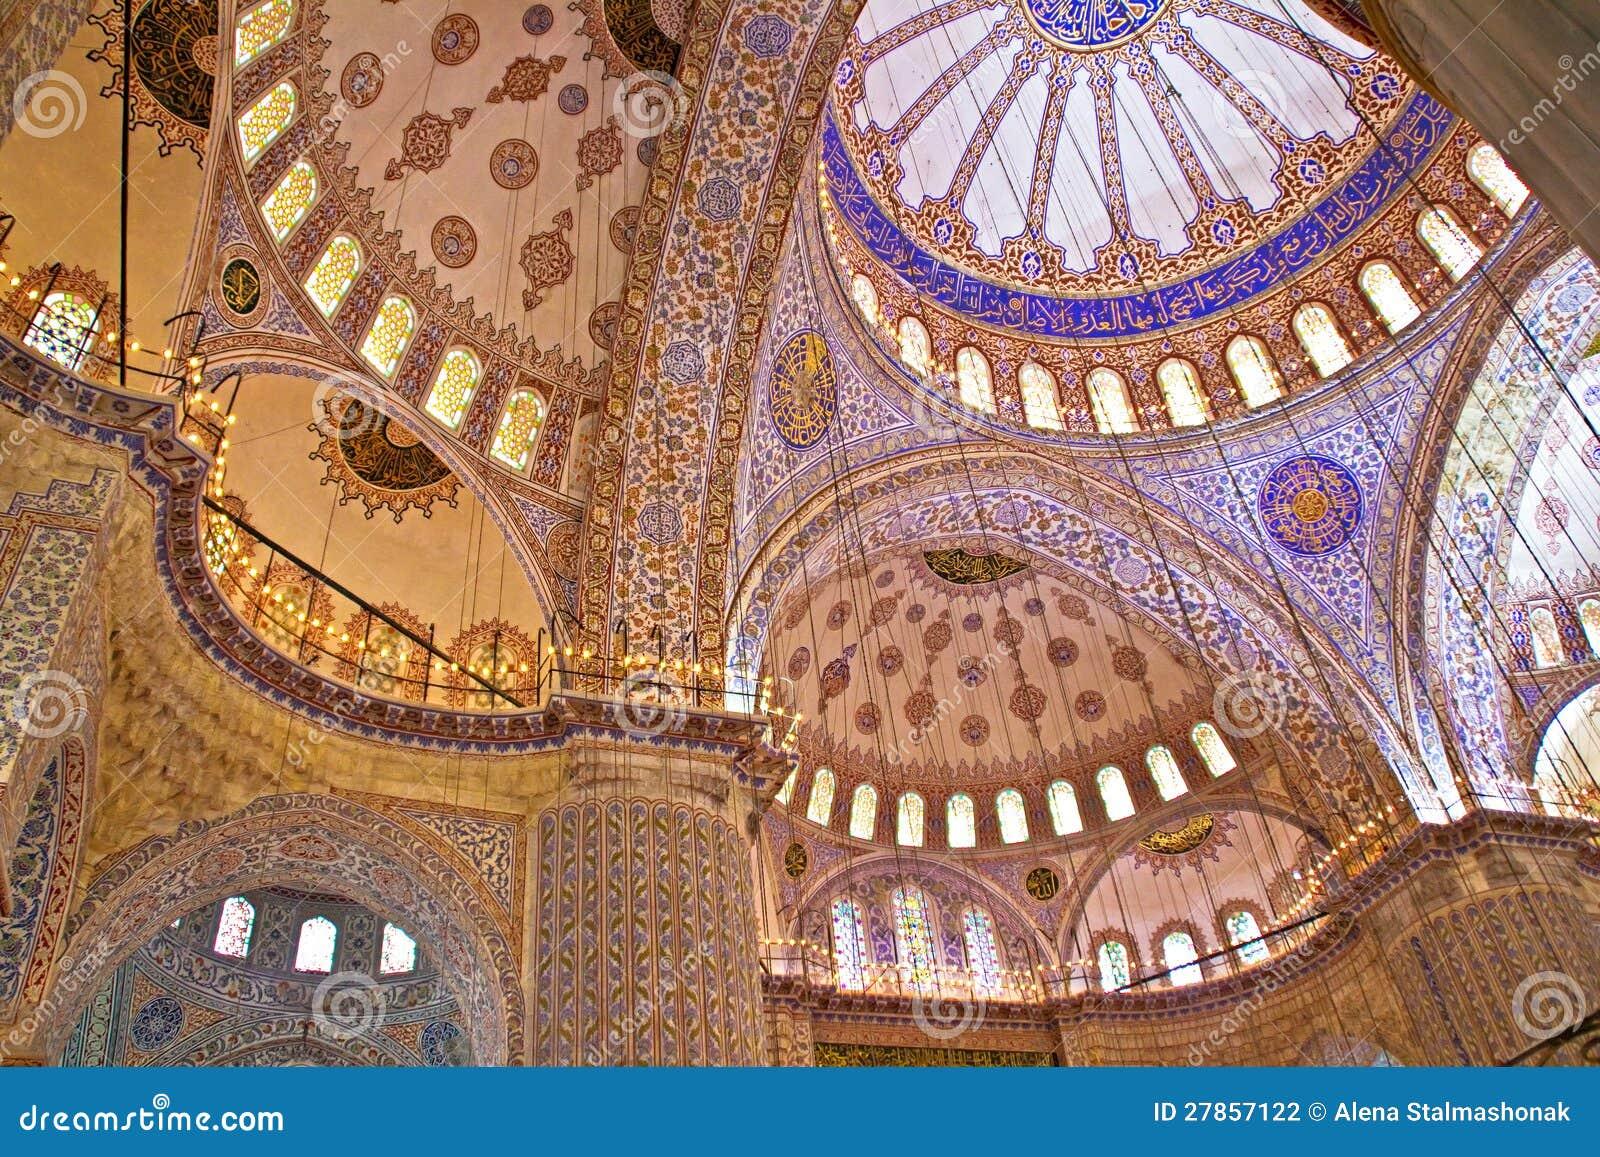 Wnętrze Błękitny Meczet, Istanbuł, Turcja